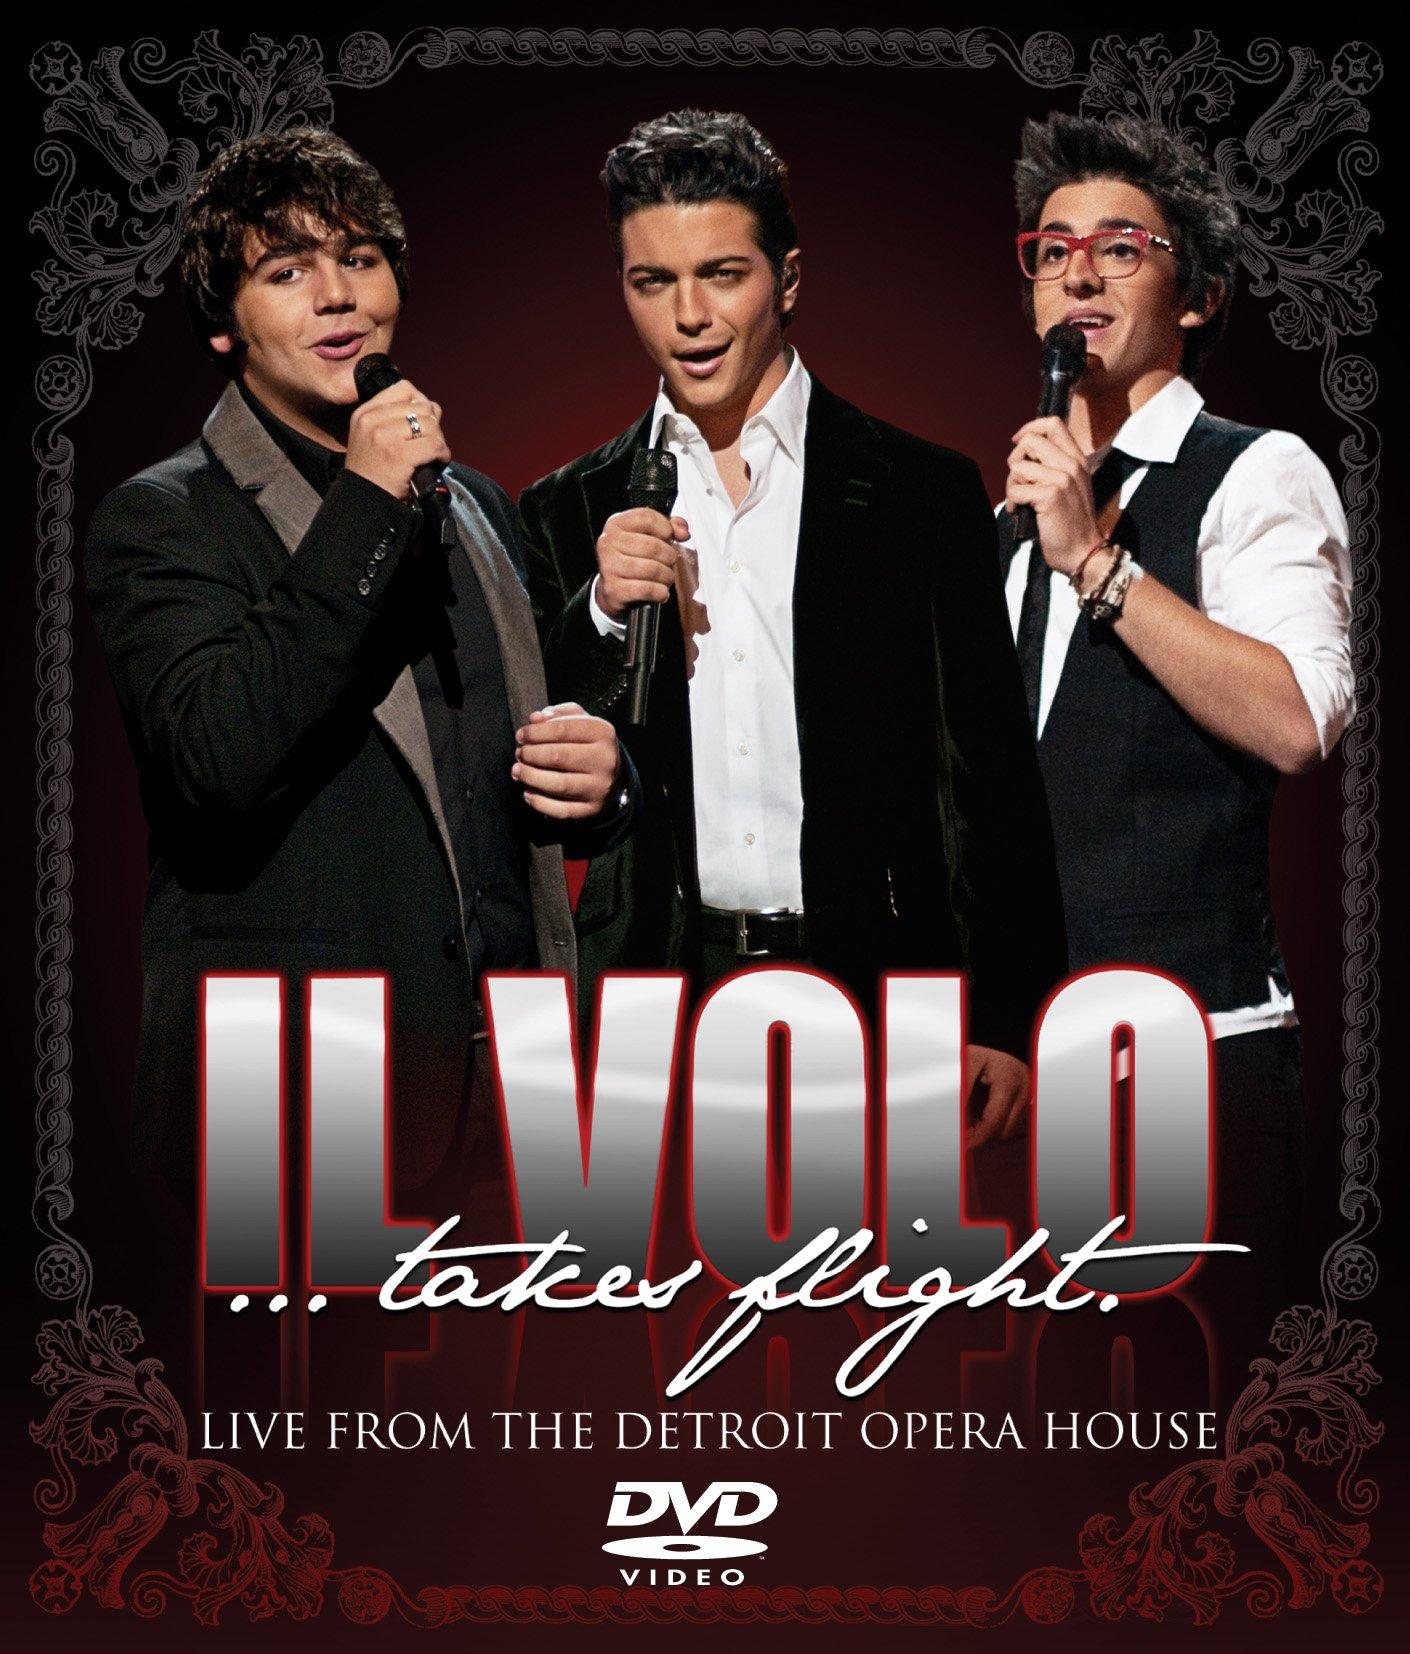 DVD : Il Volo - Il Volo: Takes Flight - Live From The Detroit Opera House